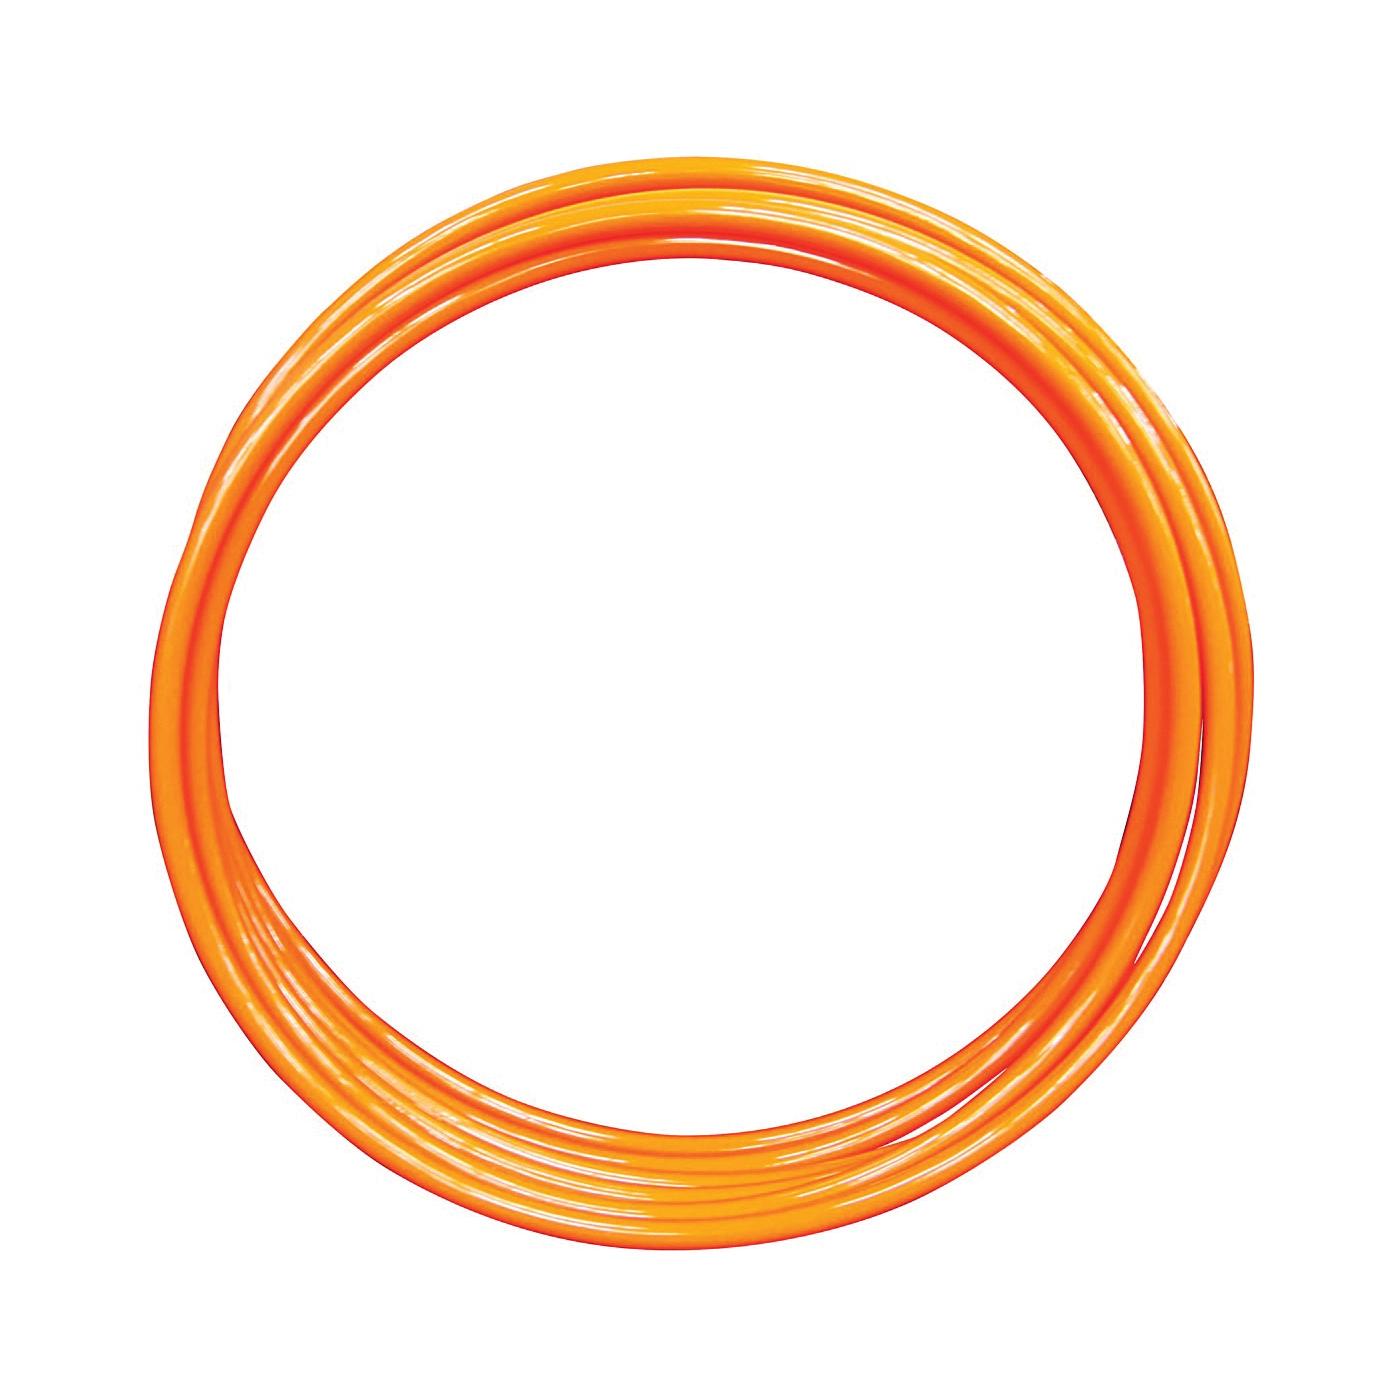 Picture of Apollo APPOB30034 Oxygen Barrier PEX-B Pipe, 3/4 in, Orange, 300 ft L